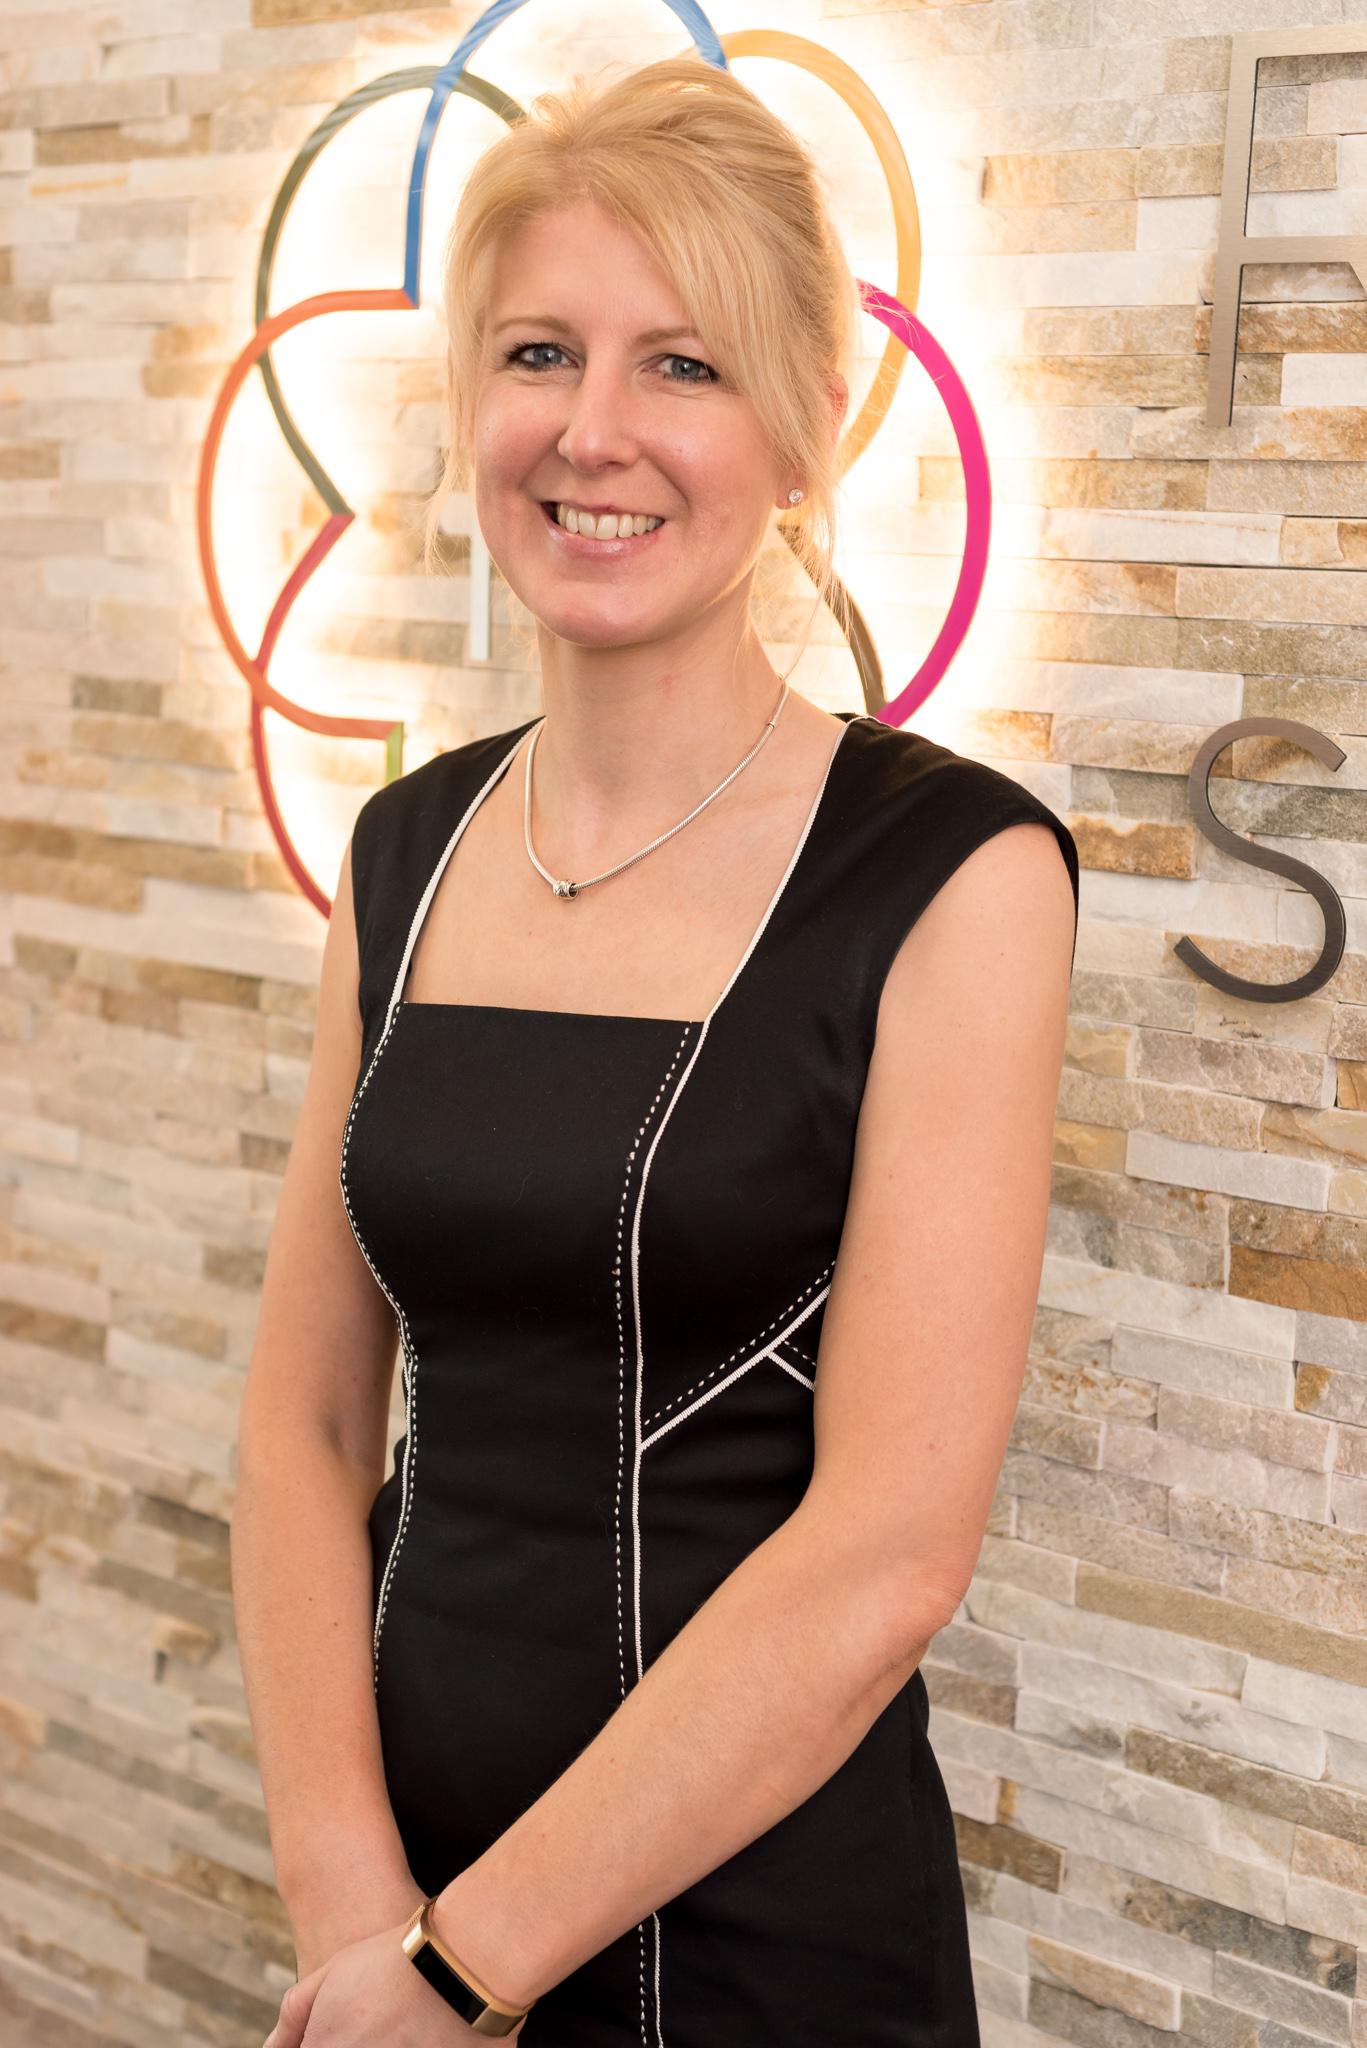 Deborah Brierley